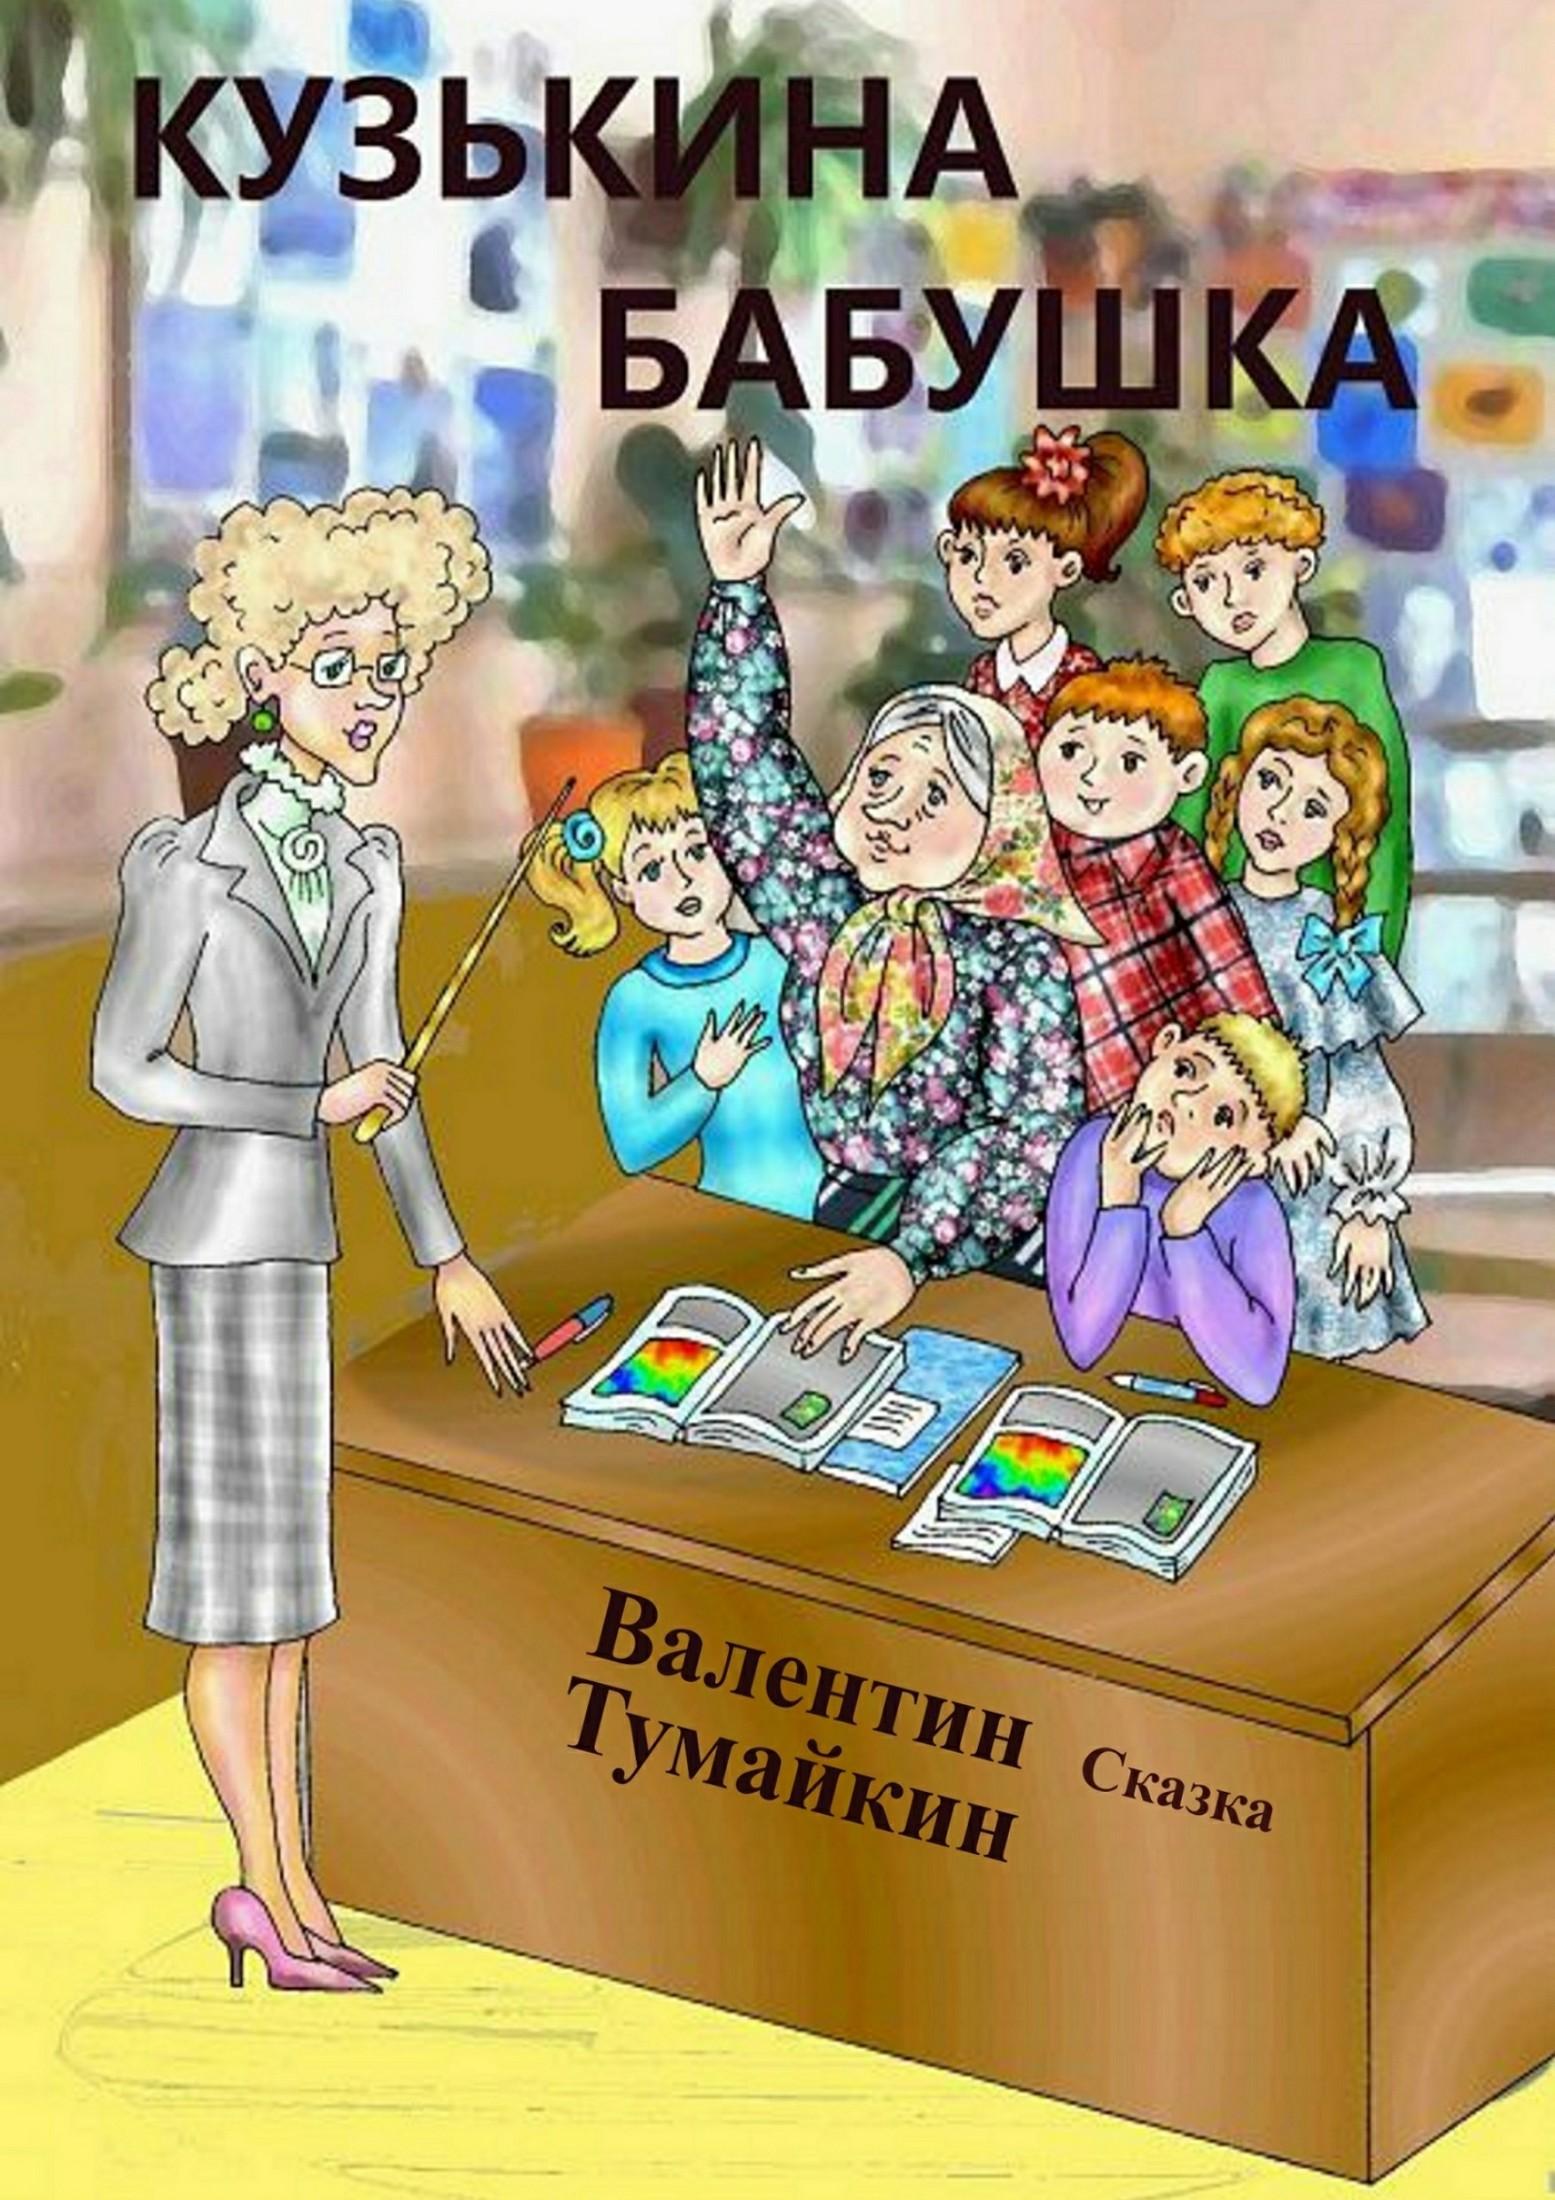 Валентин Тумайкин - Кузькина бабушка